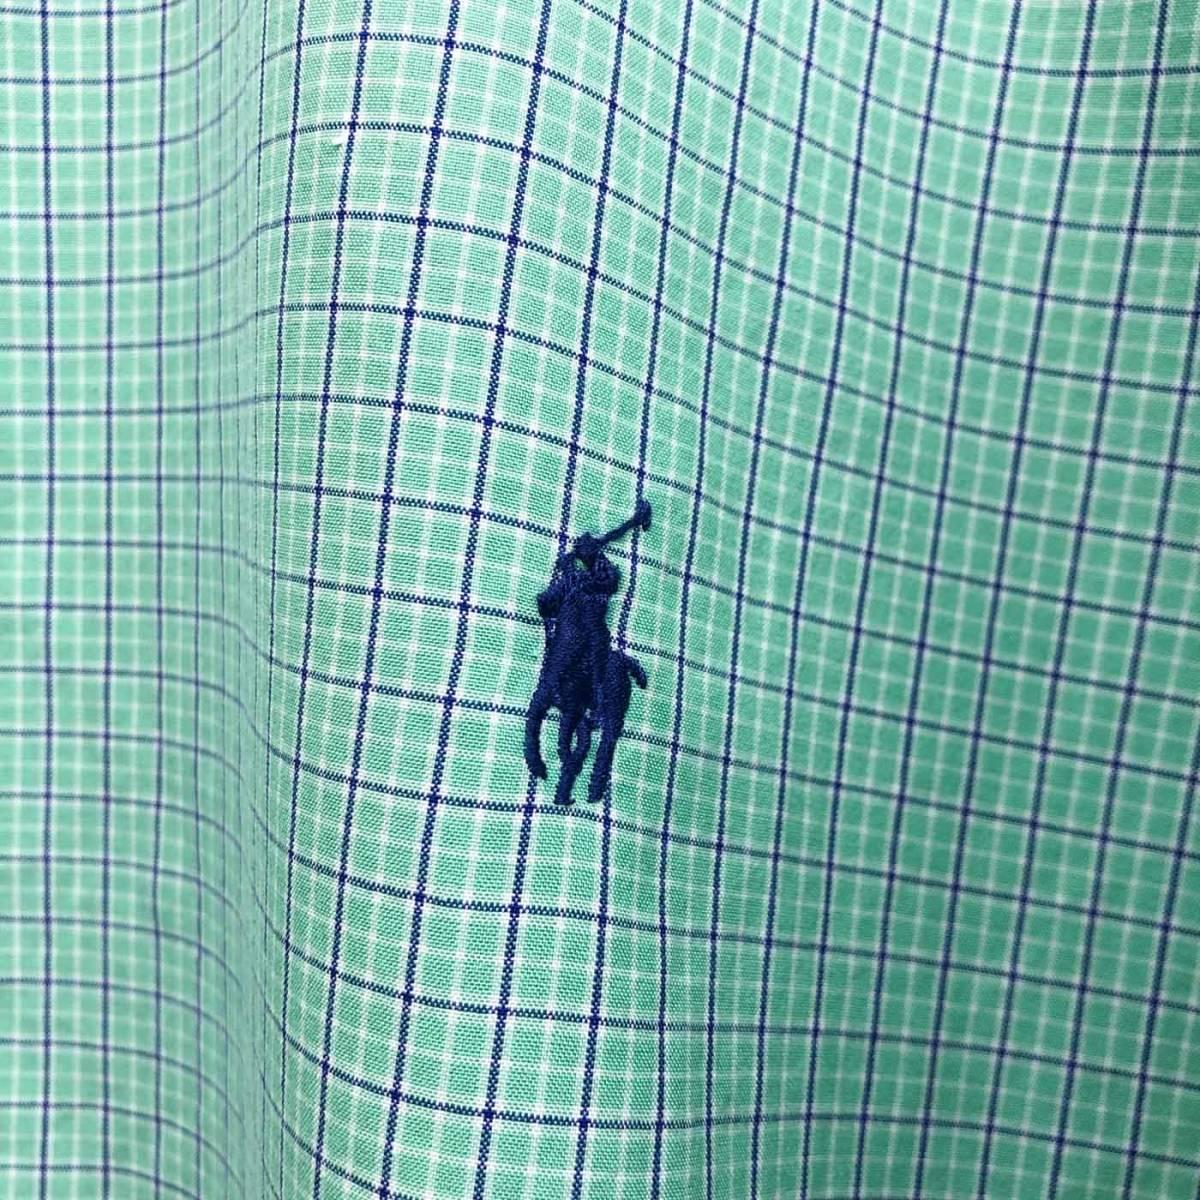 ラルフローレン POLO Ralph Lauren Polo 半袖シャツ メンズ ワンポイント 2XLサイズ (XXLサイズ) 7-152_画像4